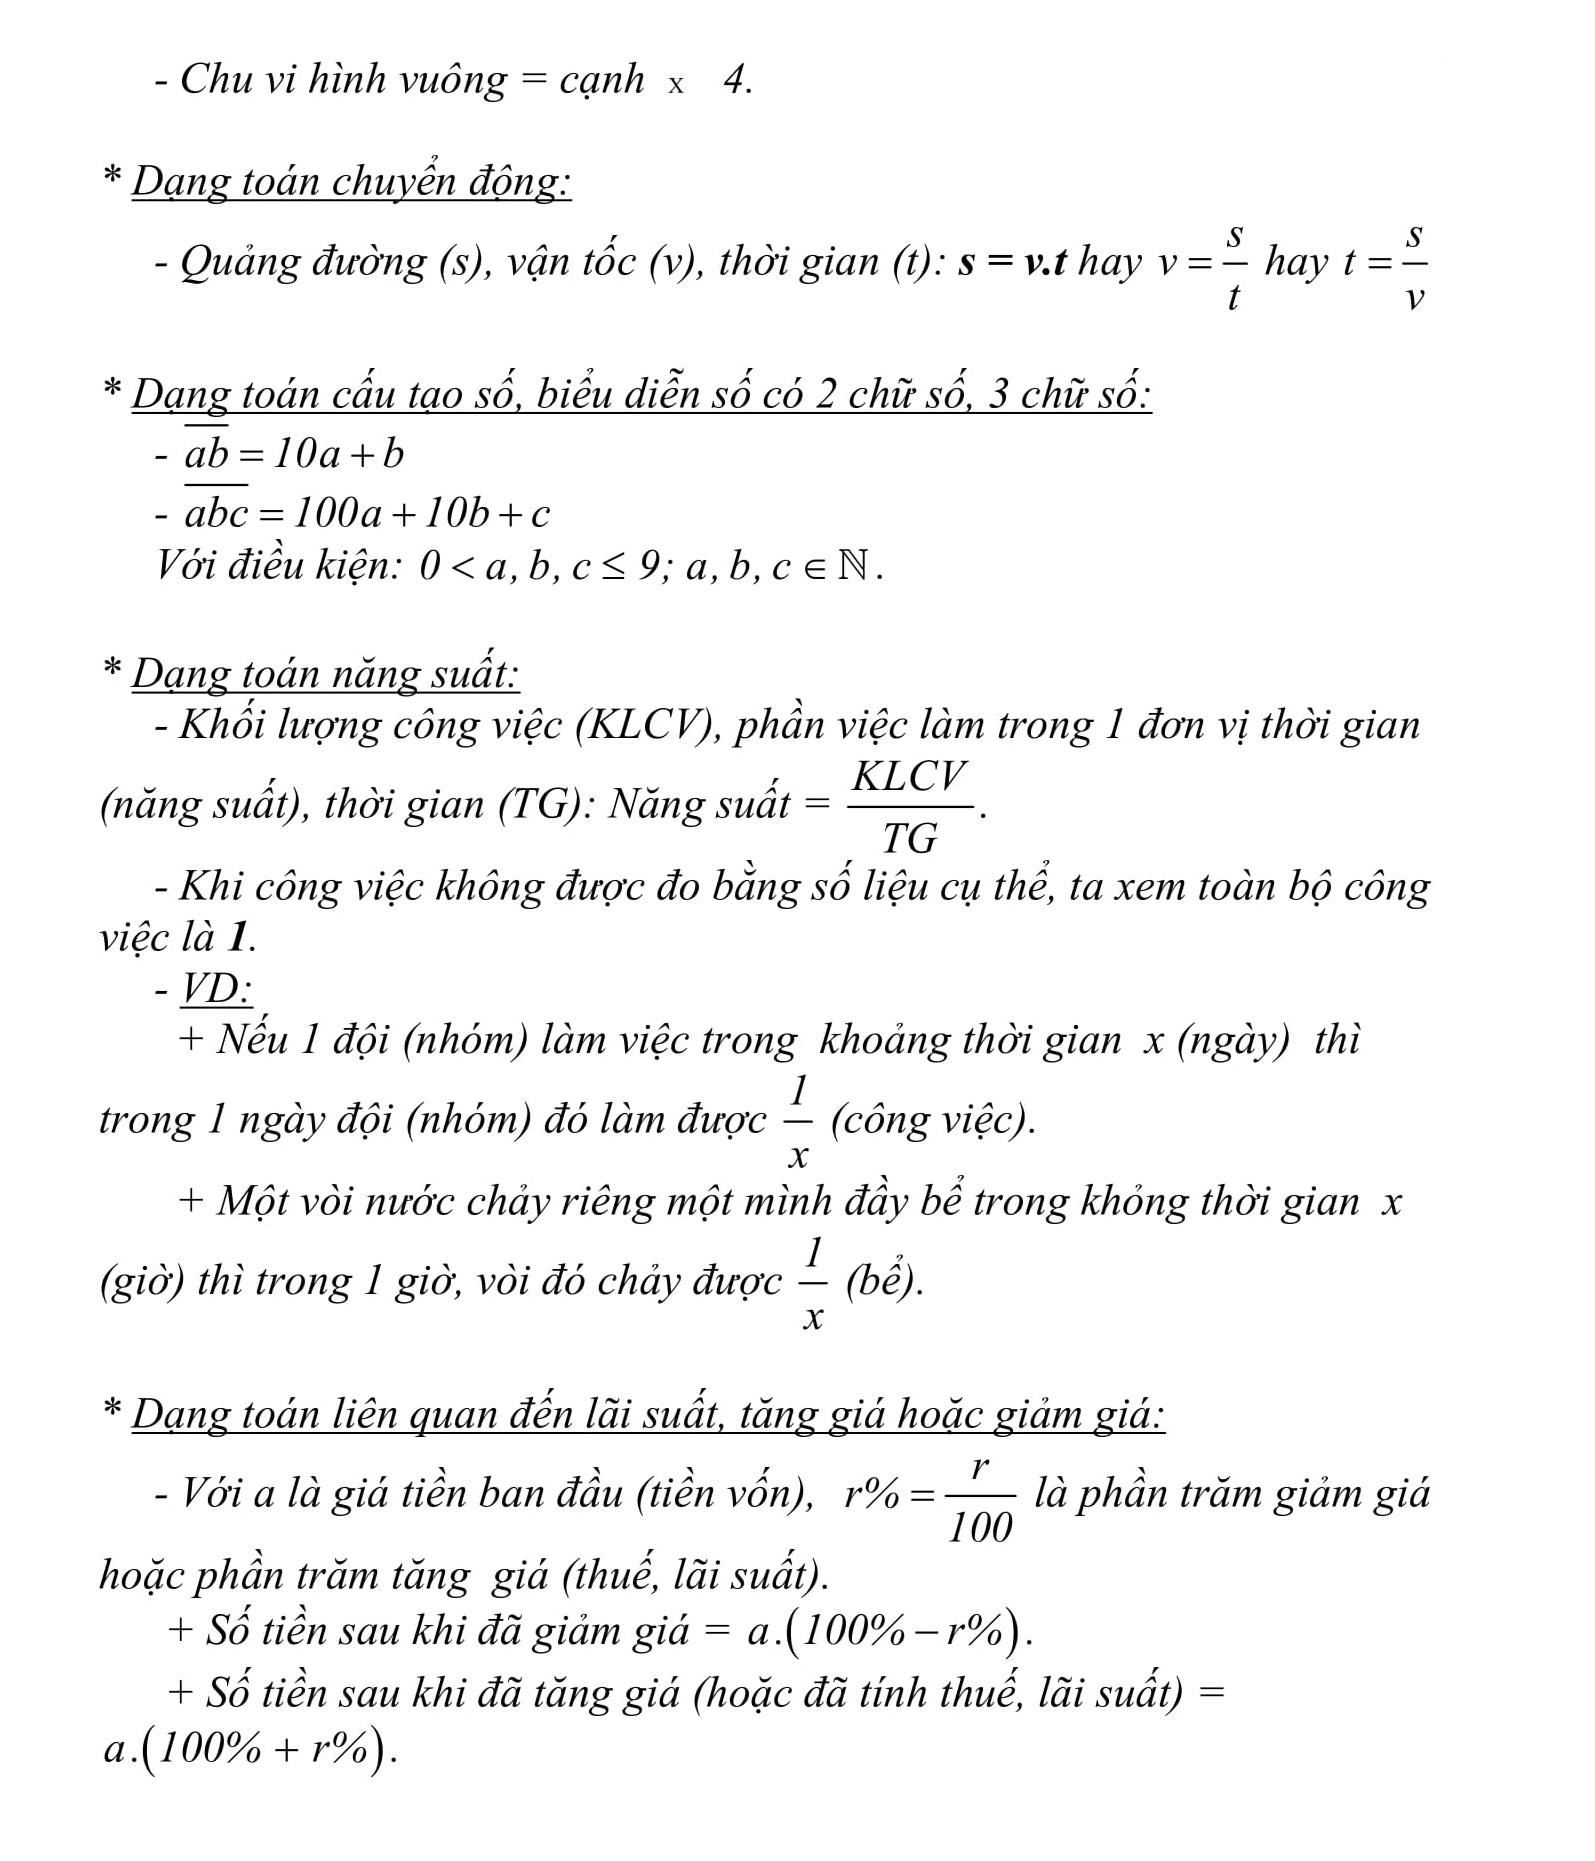 Đề cương HK2 toán 8 được tổng hợp